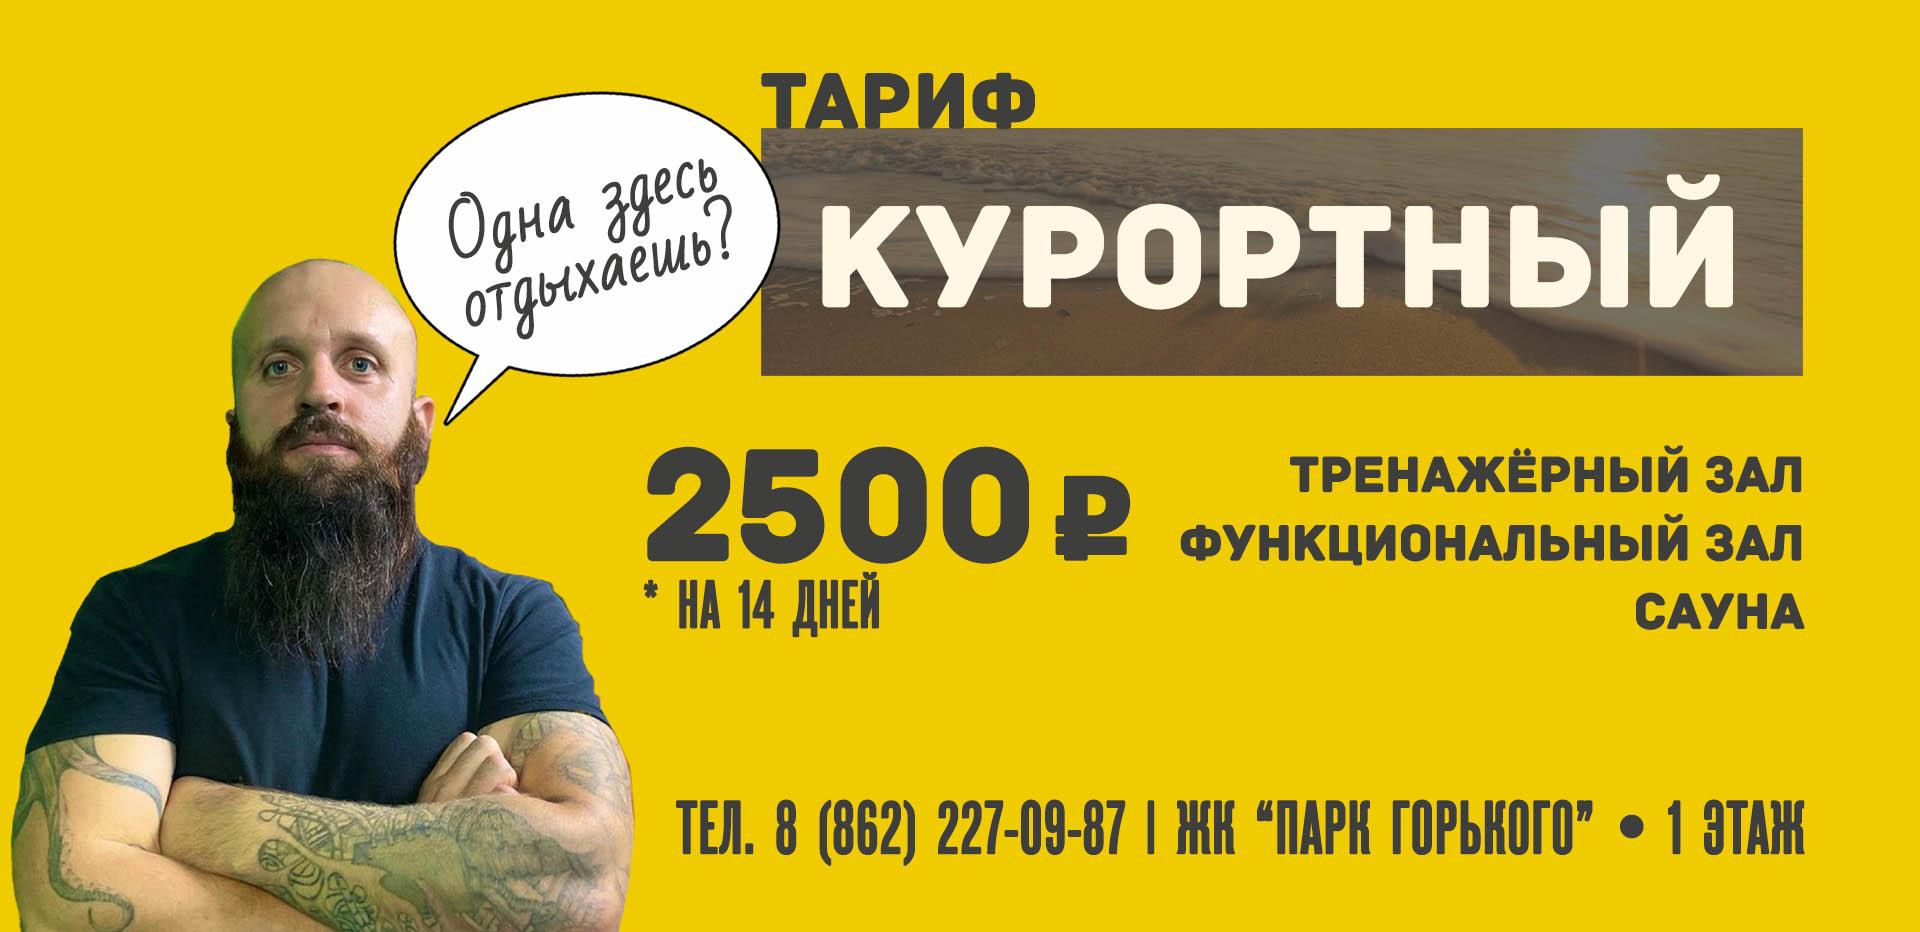 kurort2021_site